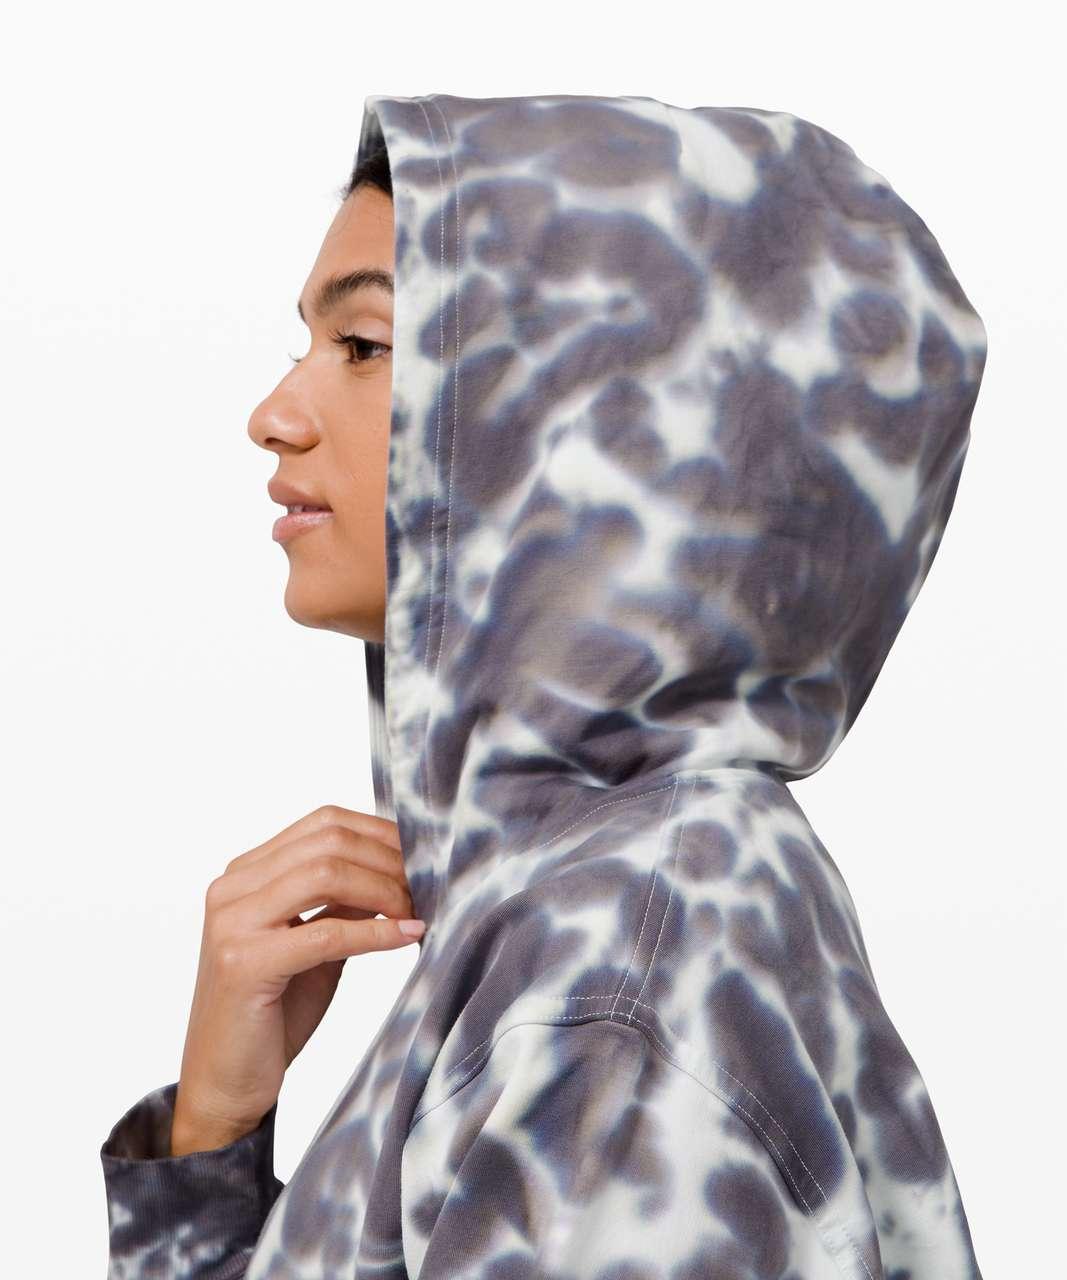 Lululemon All Yours Hoodie Tie Dye *Fleece - Marmoleado Tie Dye Graphite Grey